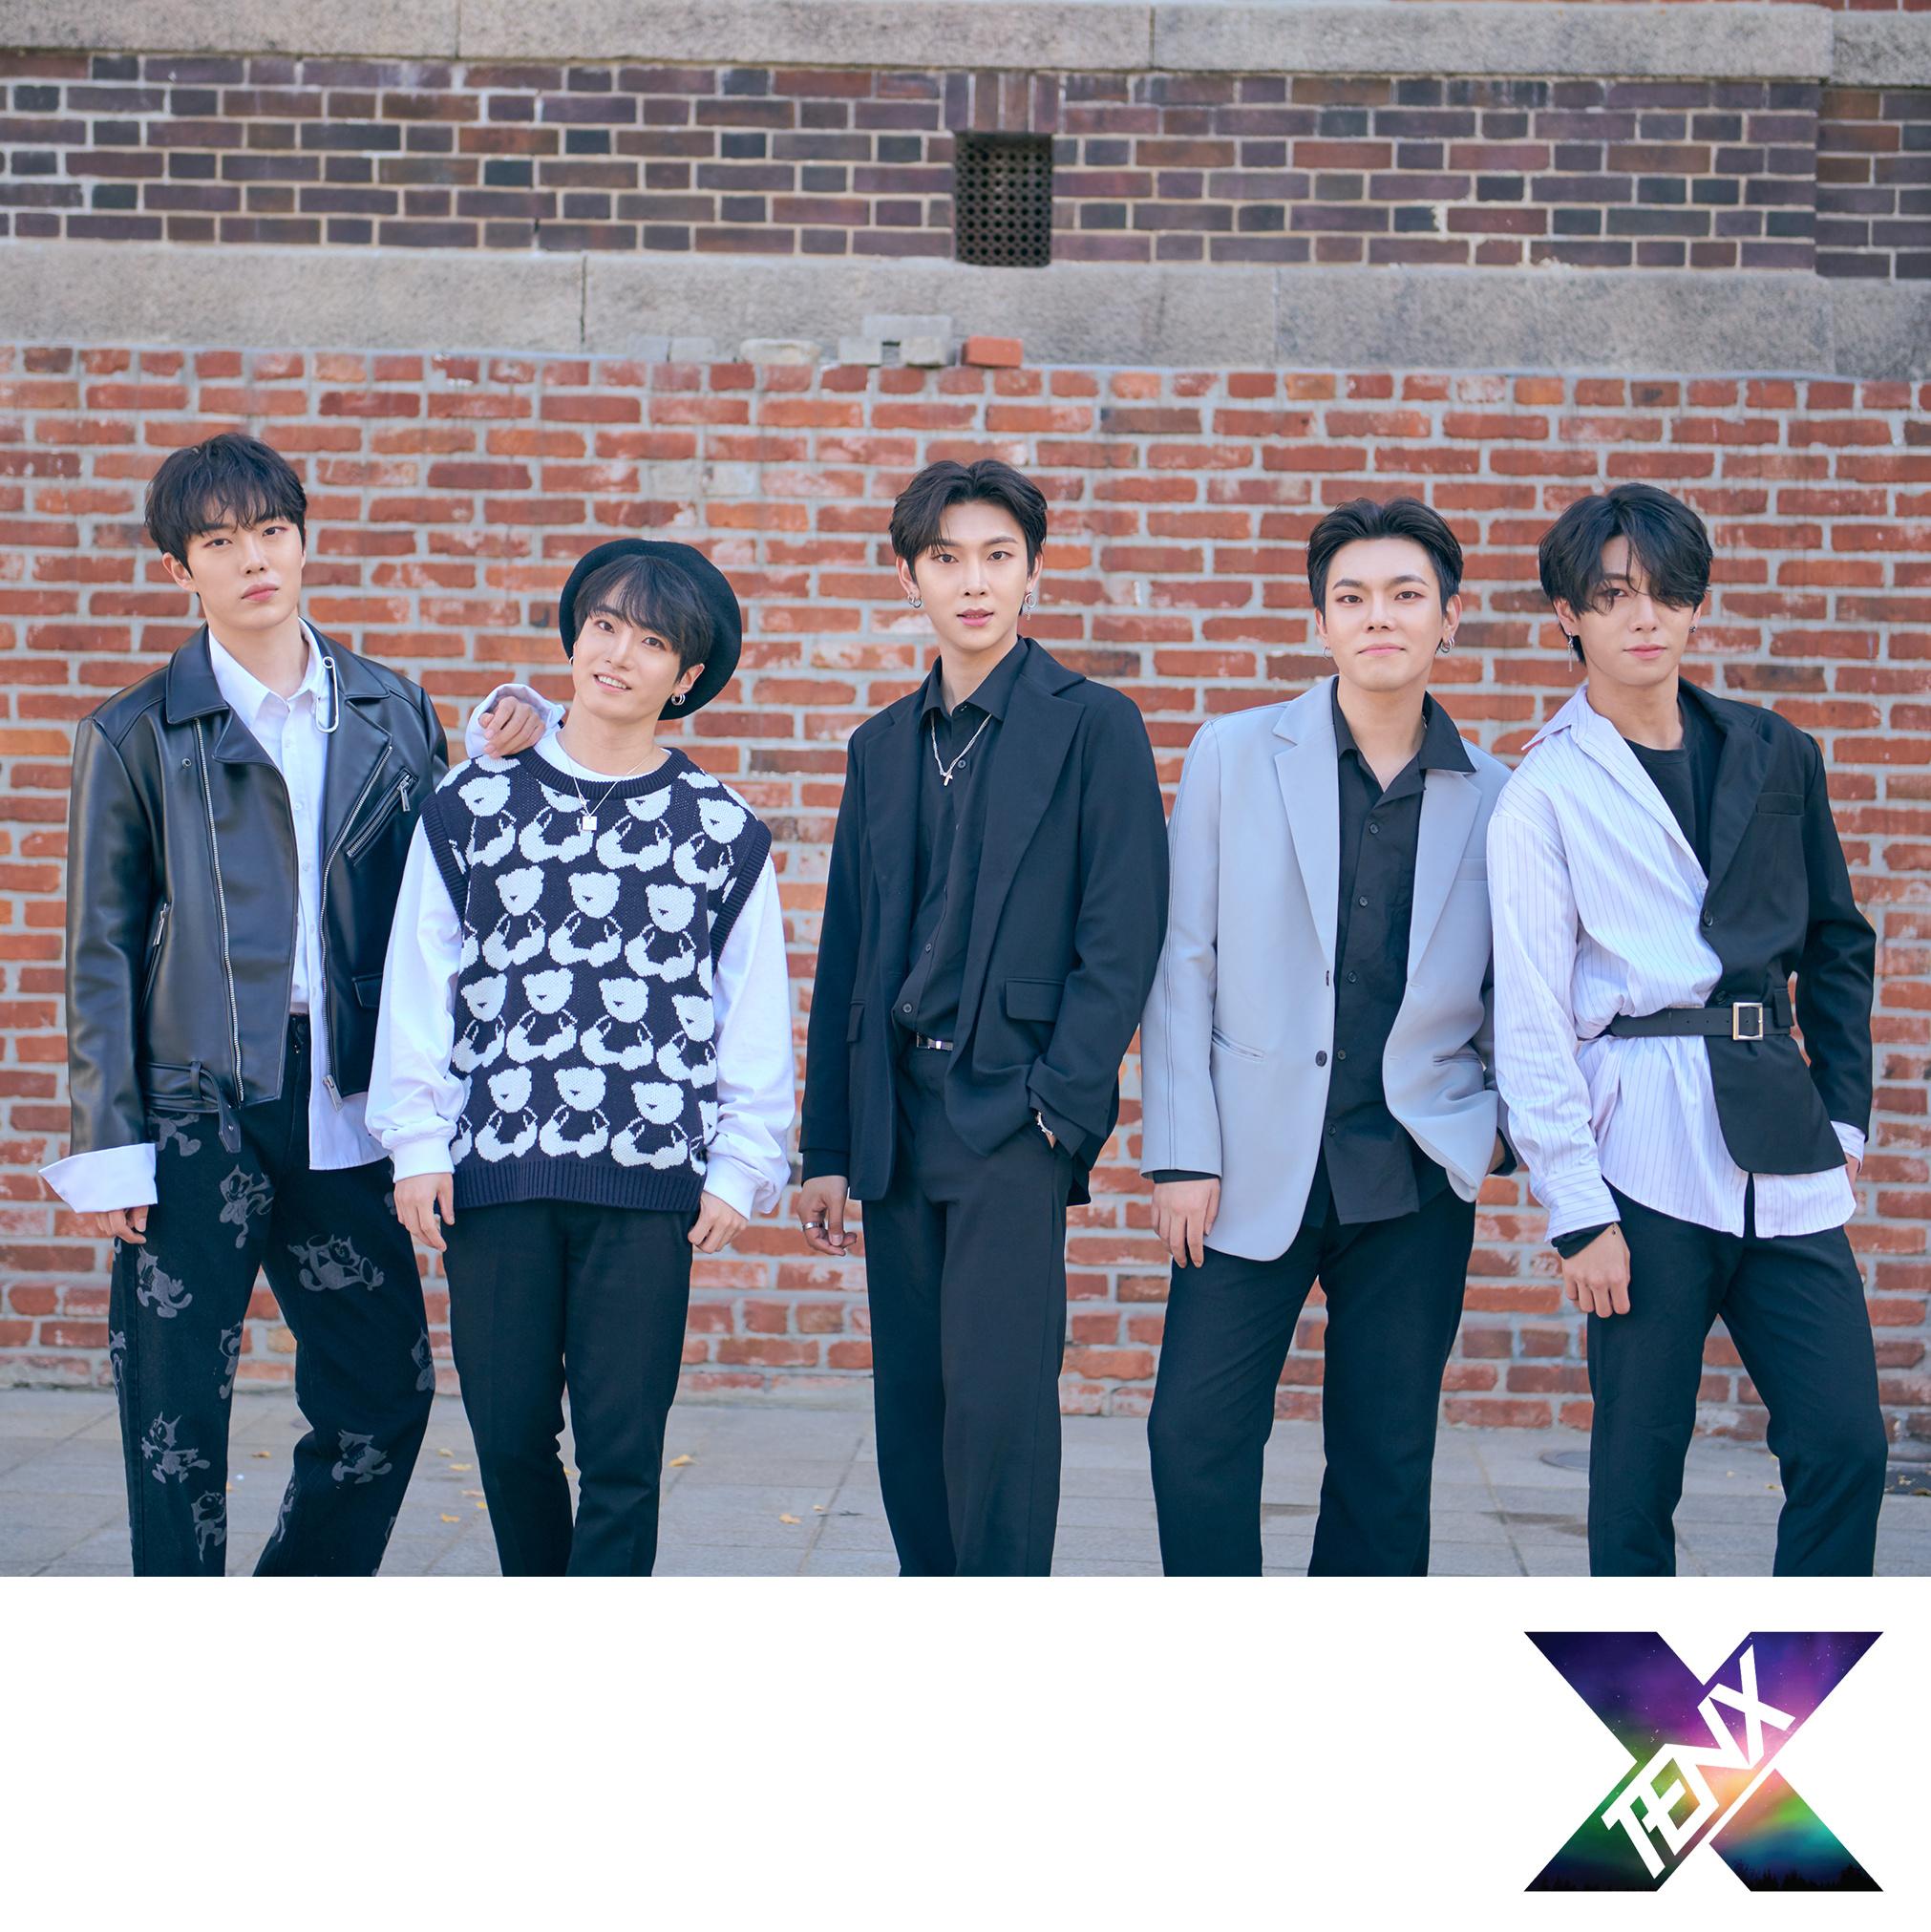 竞争太激烈!2021年这20个韩国新偶像团要出道,你看好哪一团呢?插图5